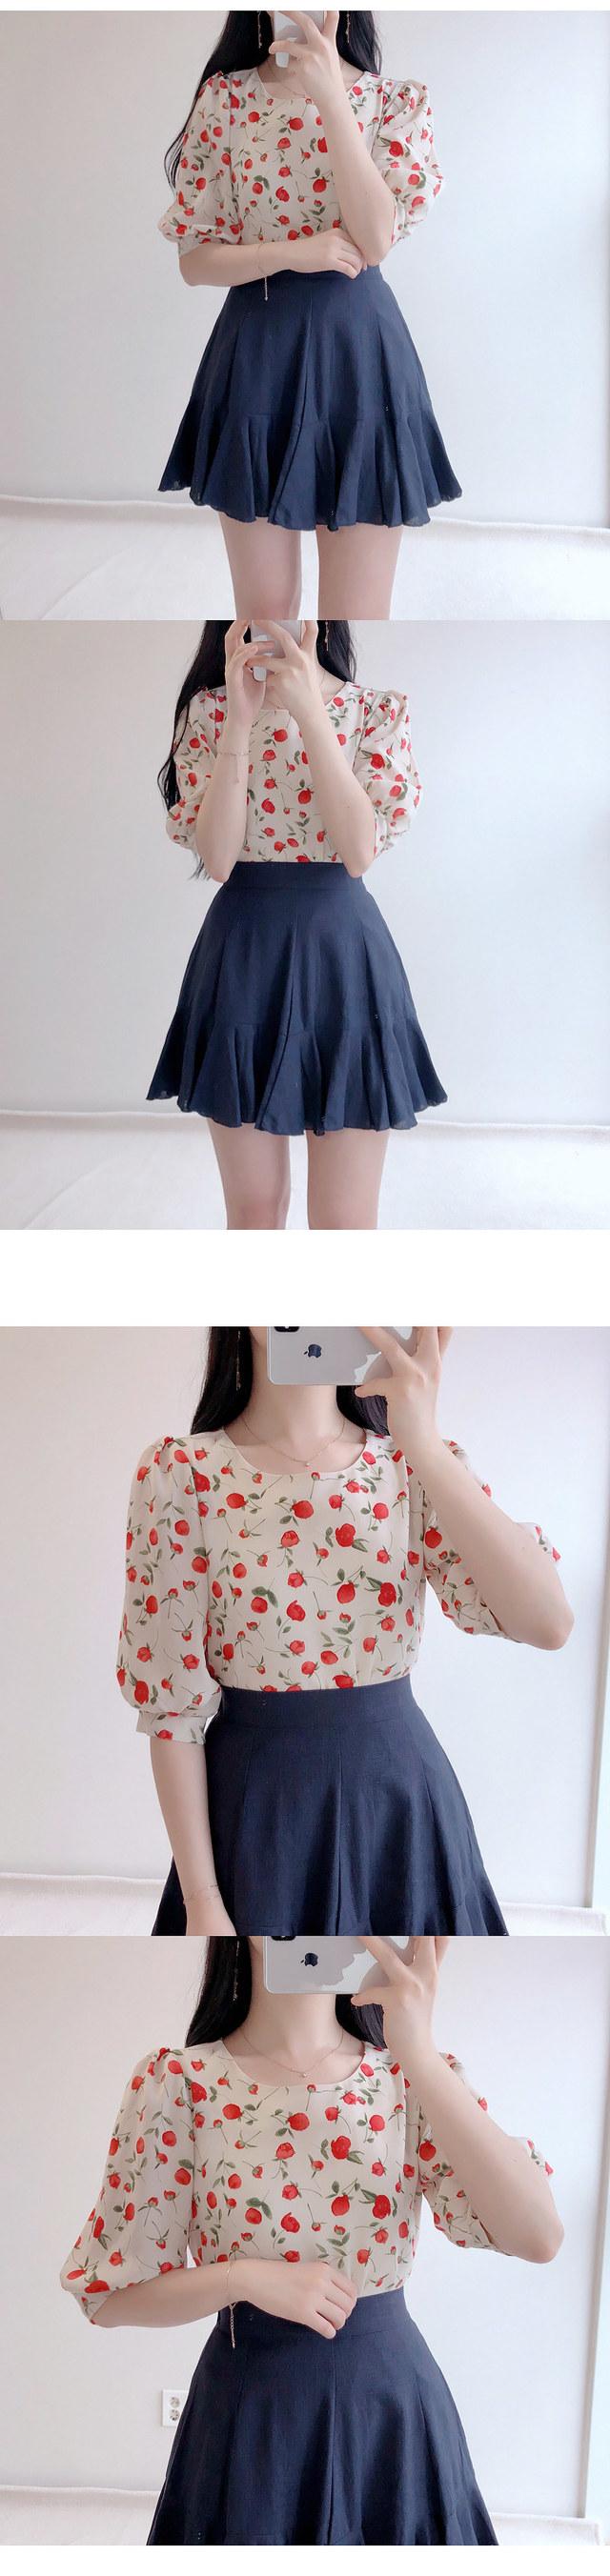 Melan flower blouse